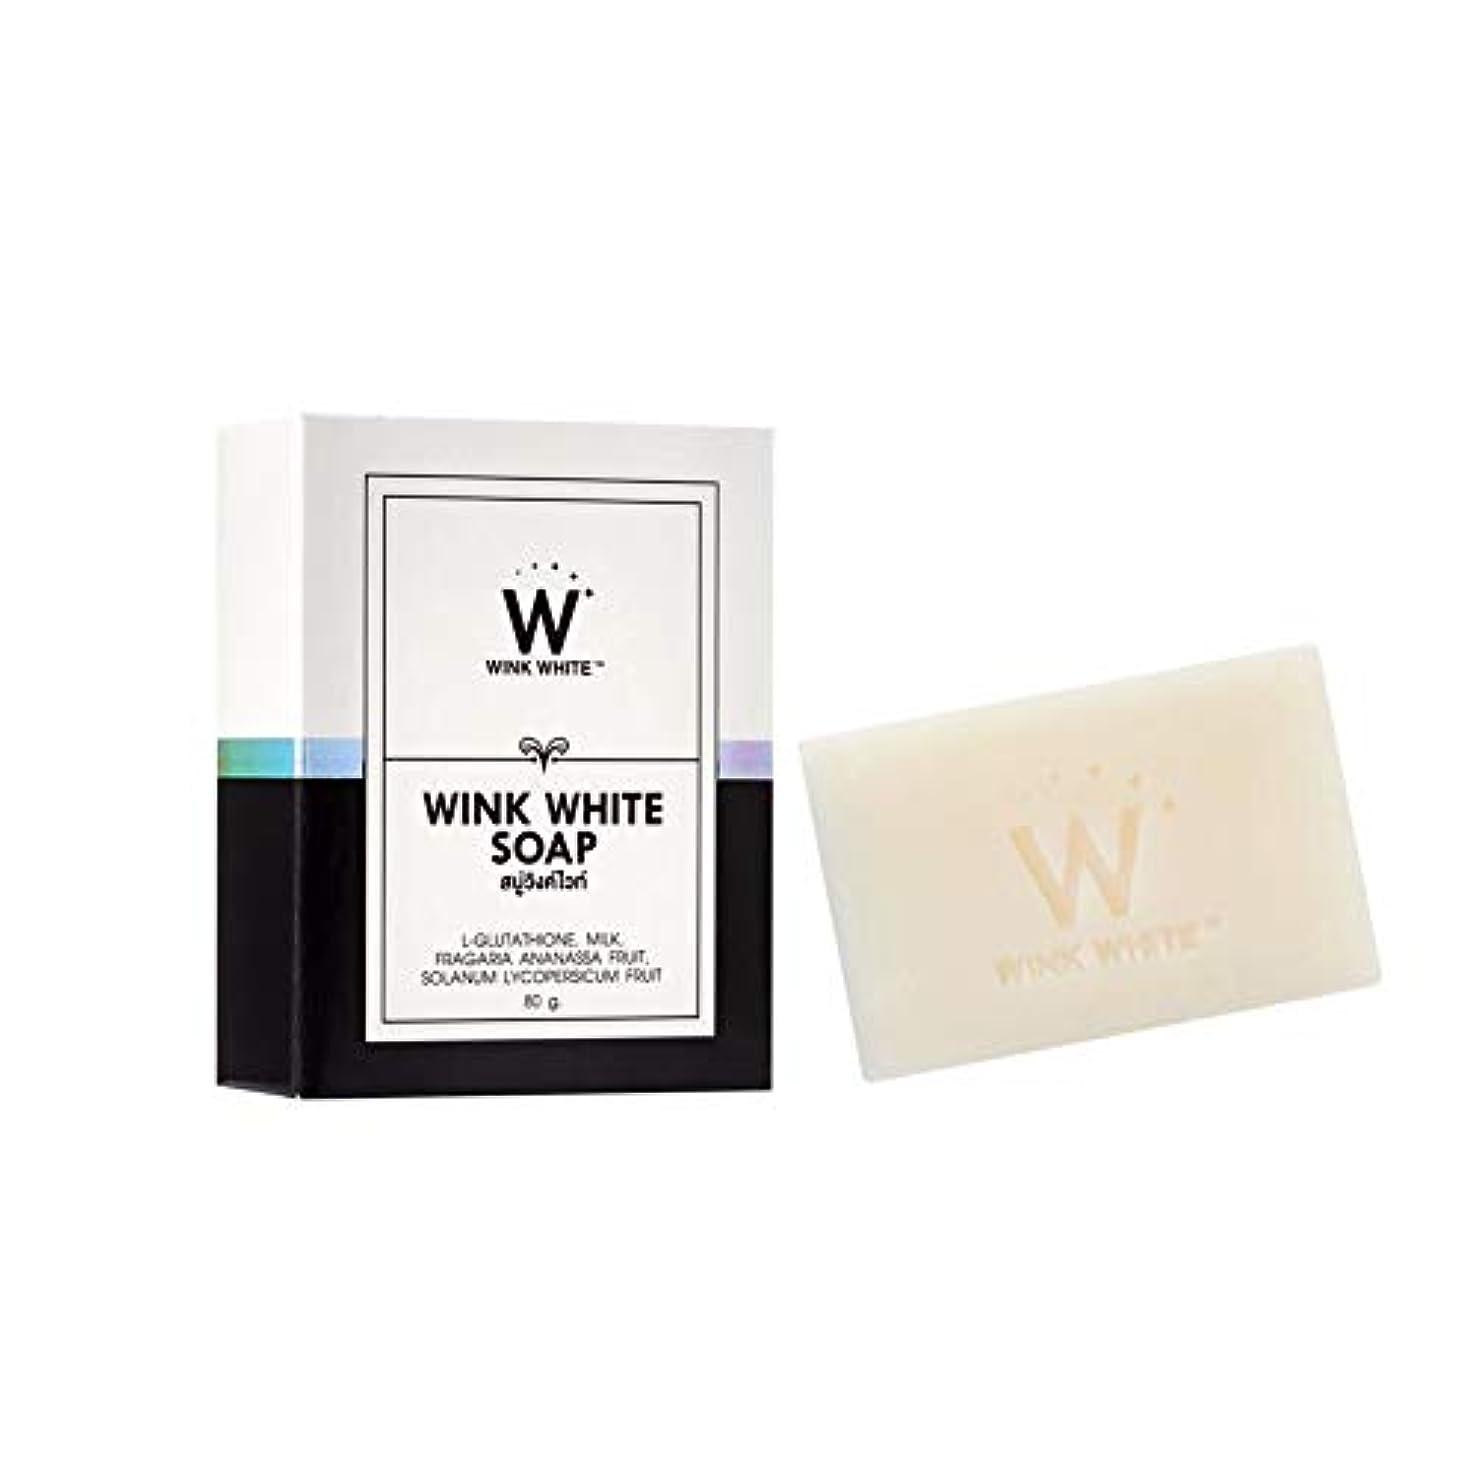 のヒープ検出一人でSoap Net Nature White Soap Base Wink White Soap Gluta Pure Skin Body Whitening Strawberry for Whitening Skin All...